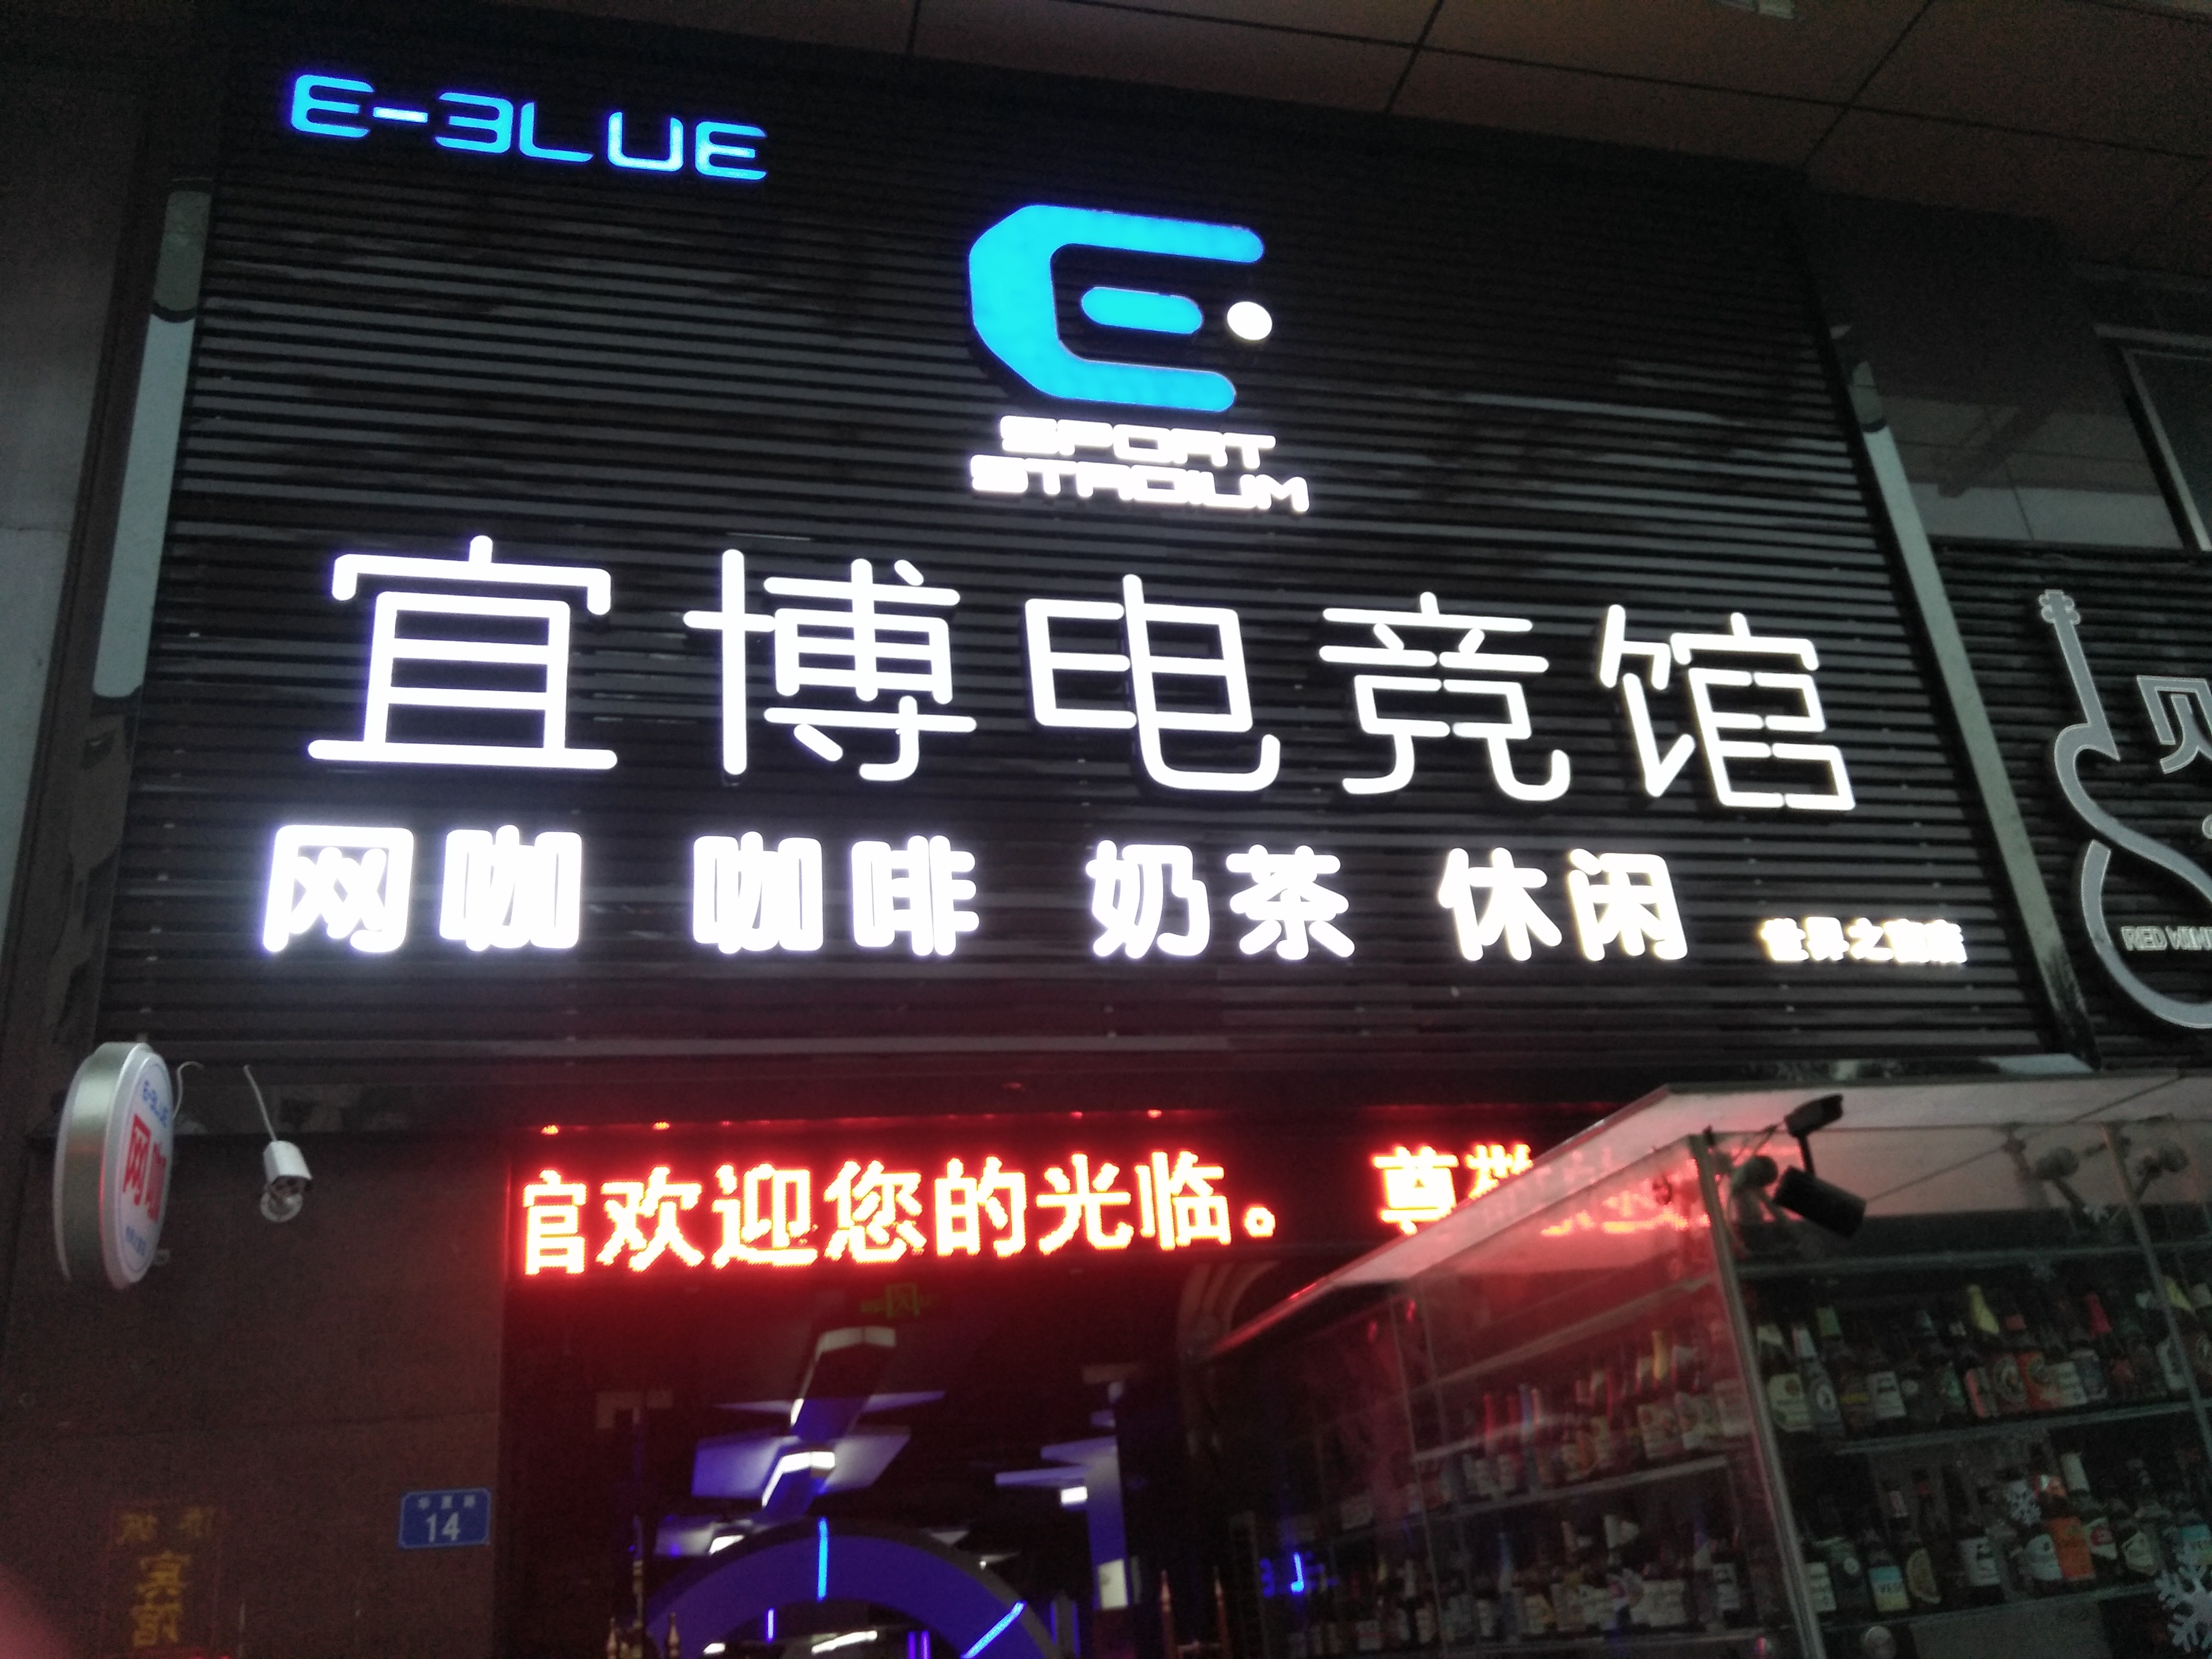 英雄联盟-QQ网吧游戏特权-QQ网吧